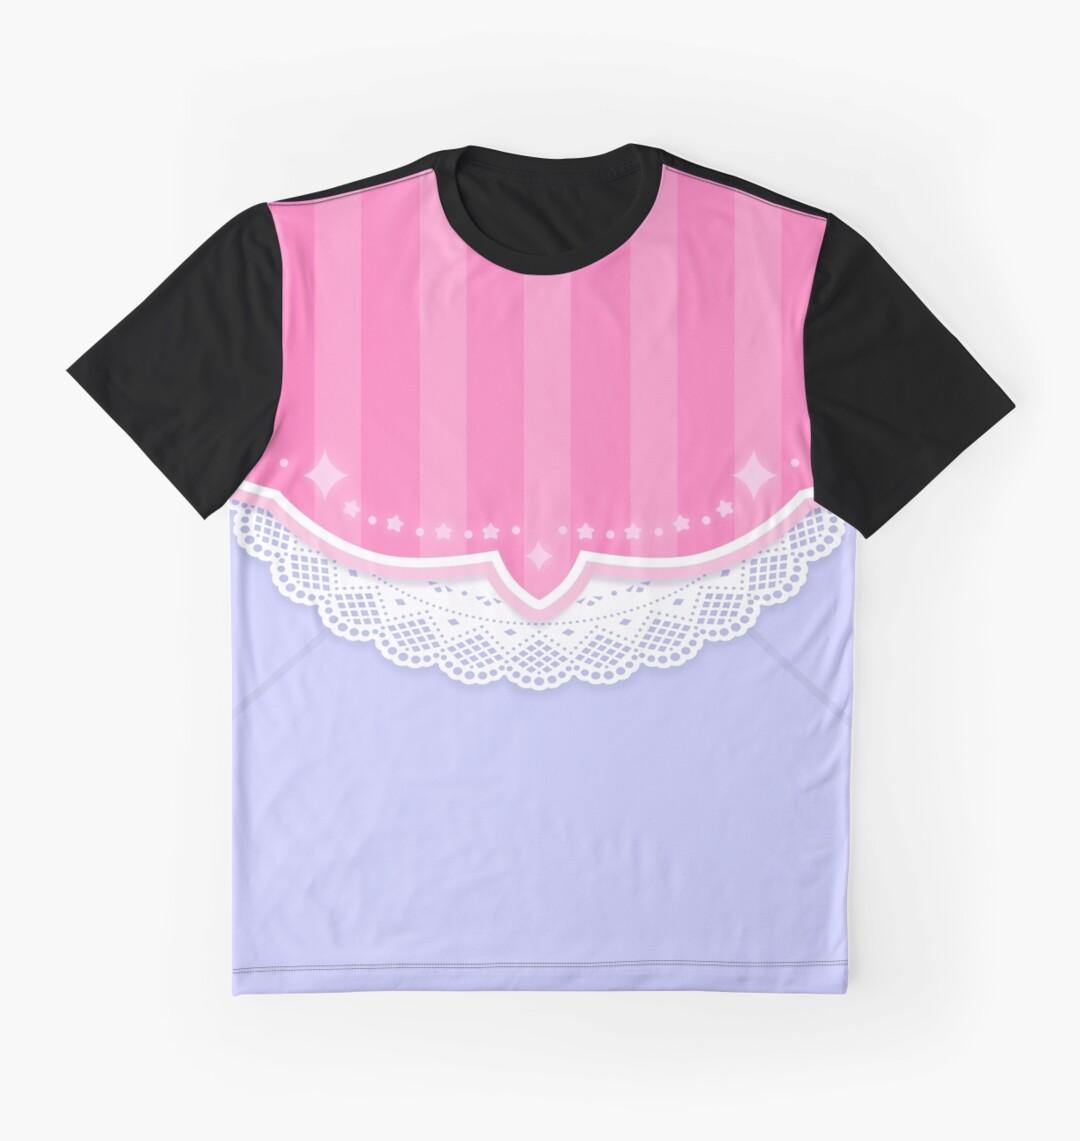 Shirt design envelope - Ssr Envelope